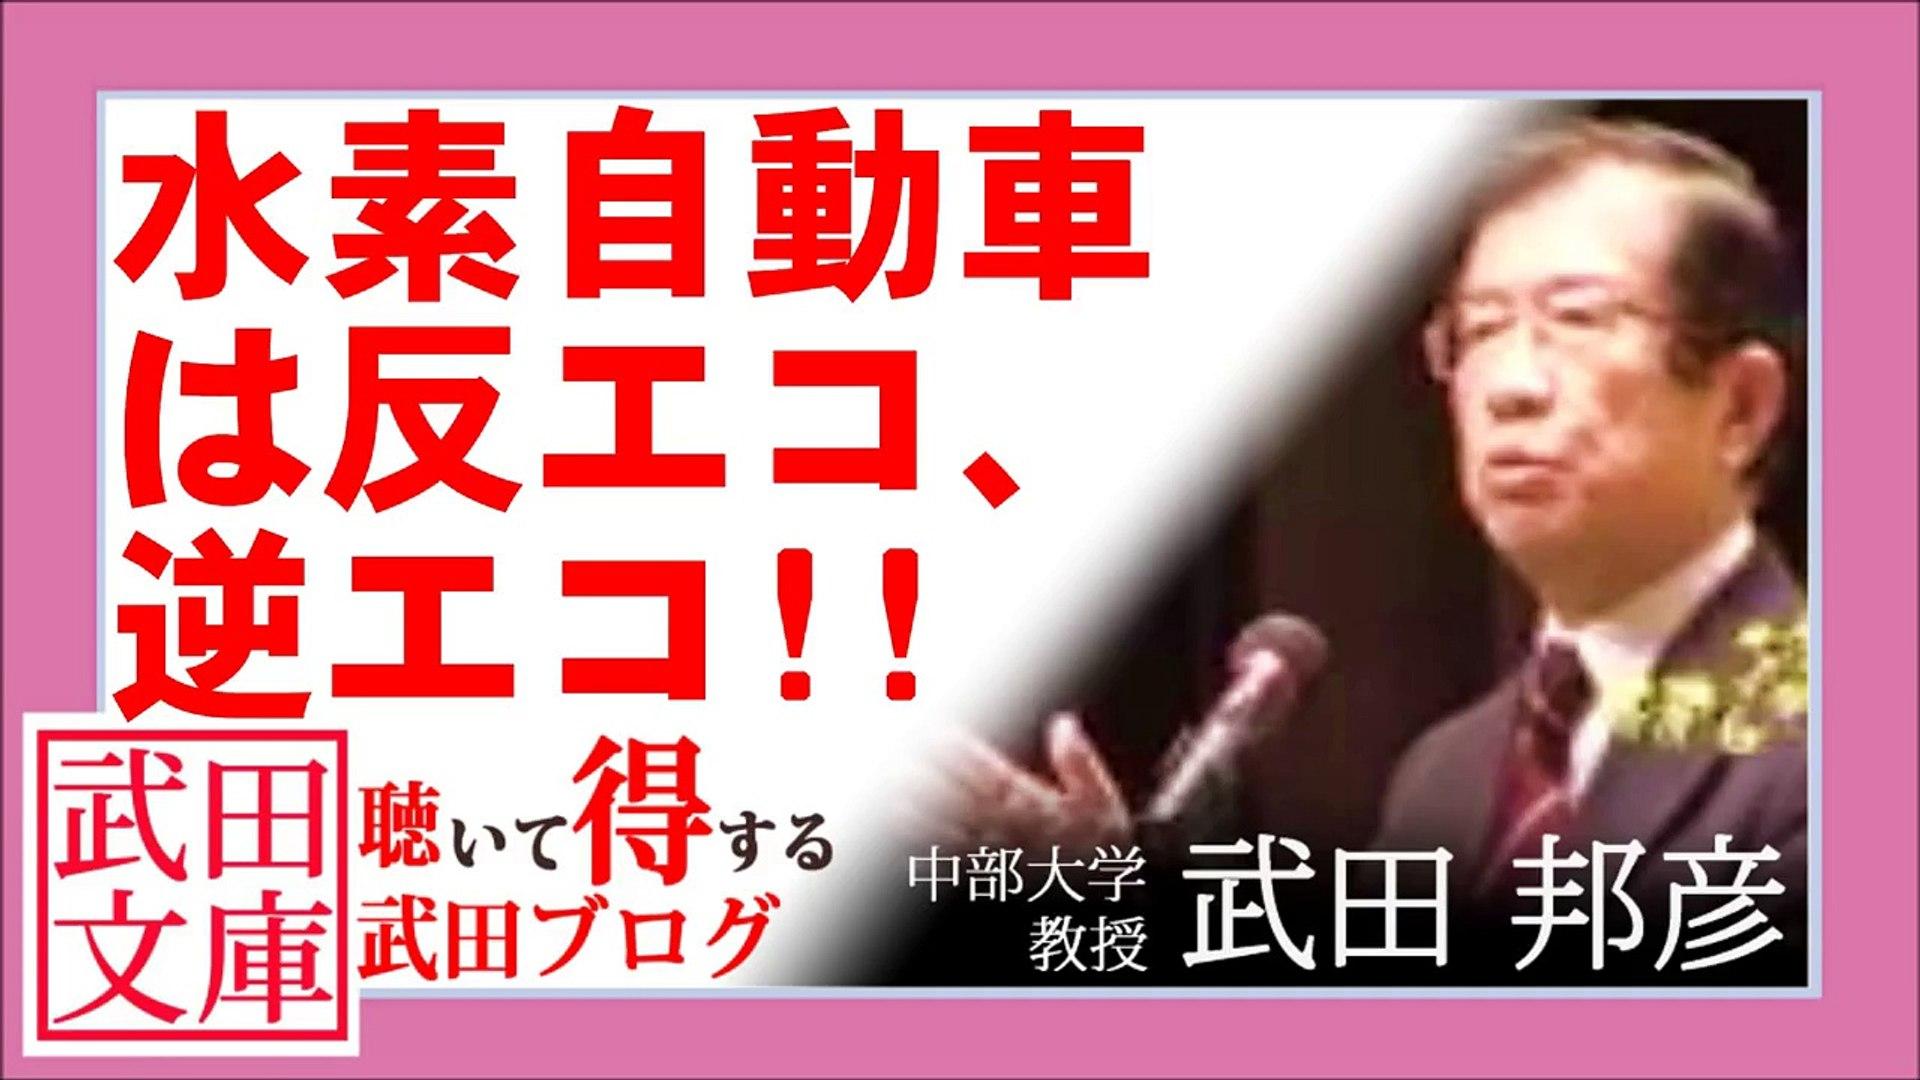 ブログ 武田 邦彦